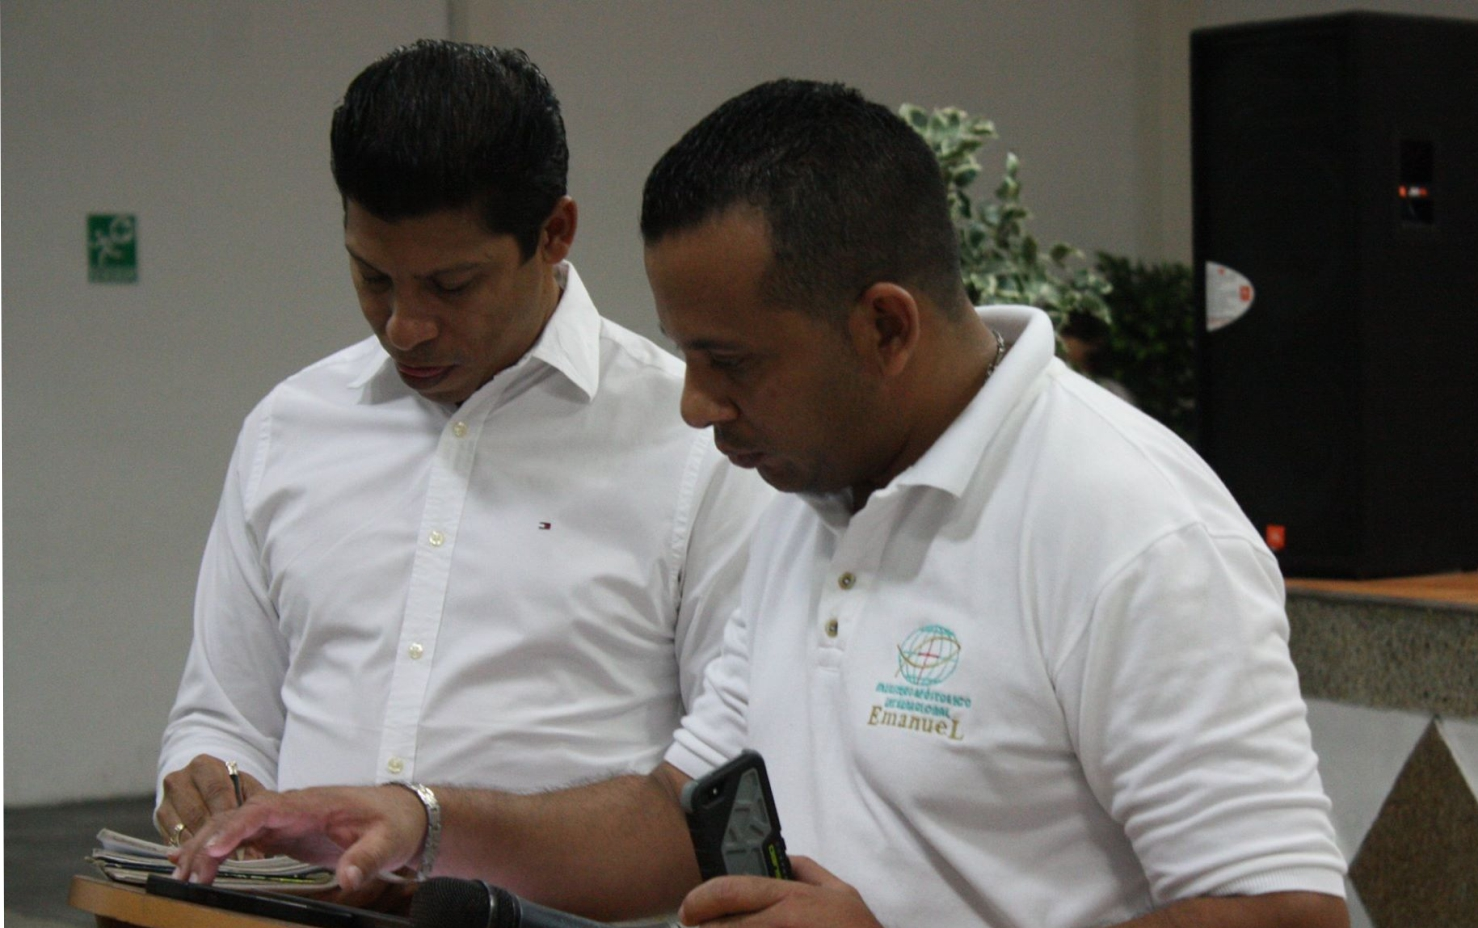 Jairo Garcia Entrenamiento escuela para padres